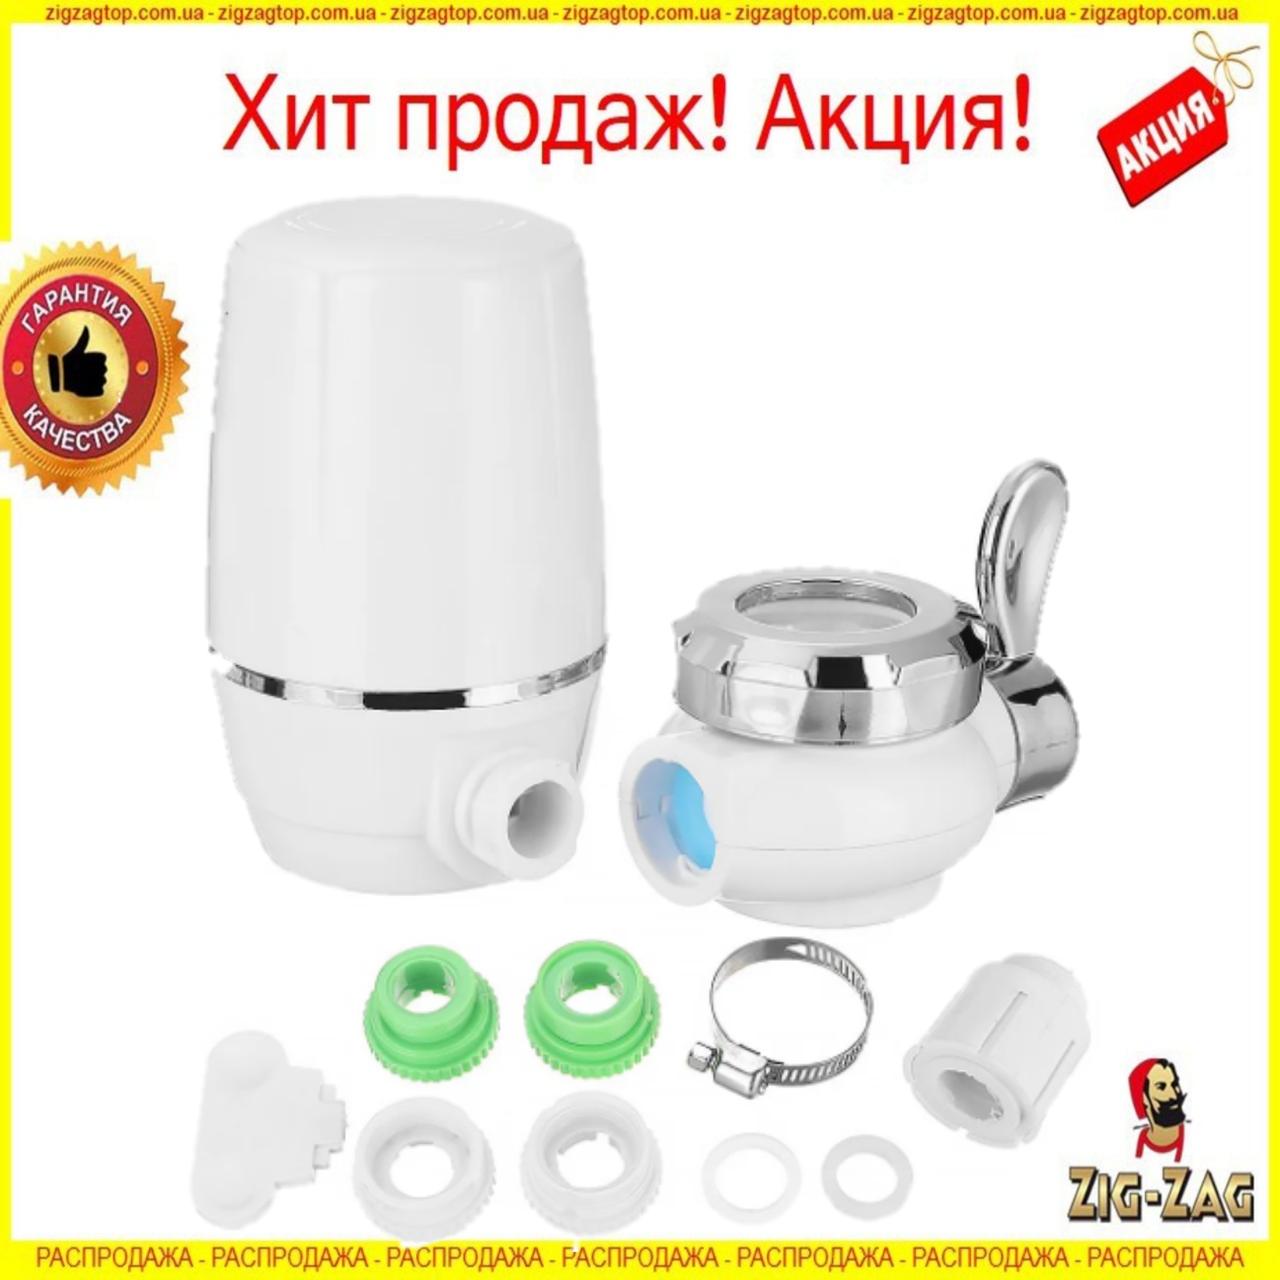 Фільтр-насадка проточної води на кран Zoosen Water Faucet Water Purifier ZSW-010A/0108 100% ЯКІСТЬ